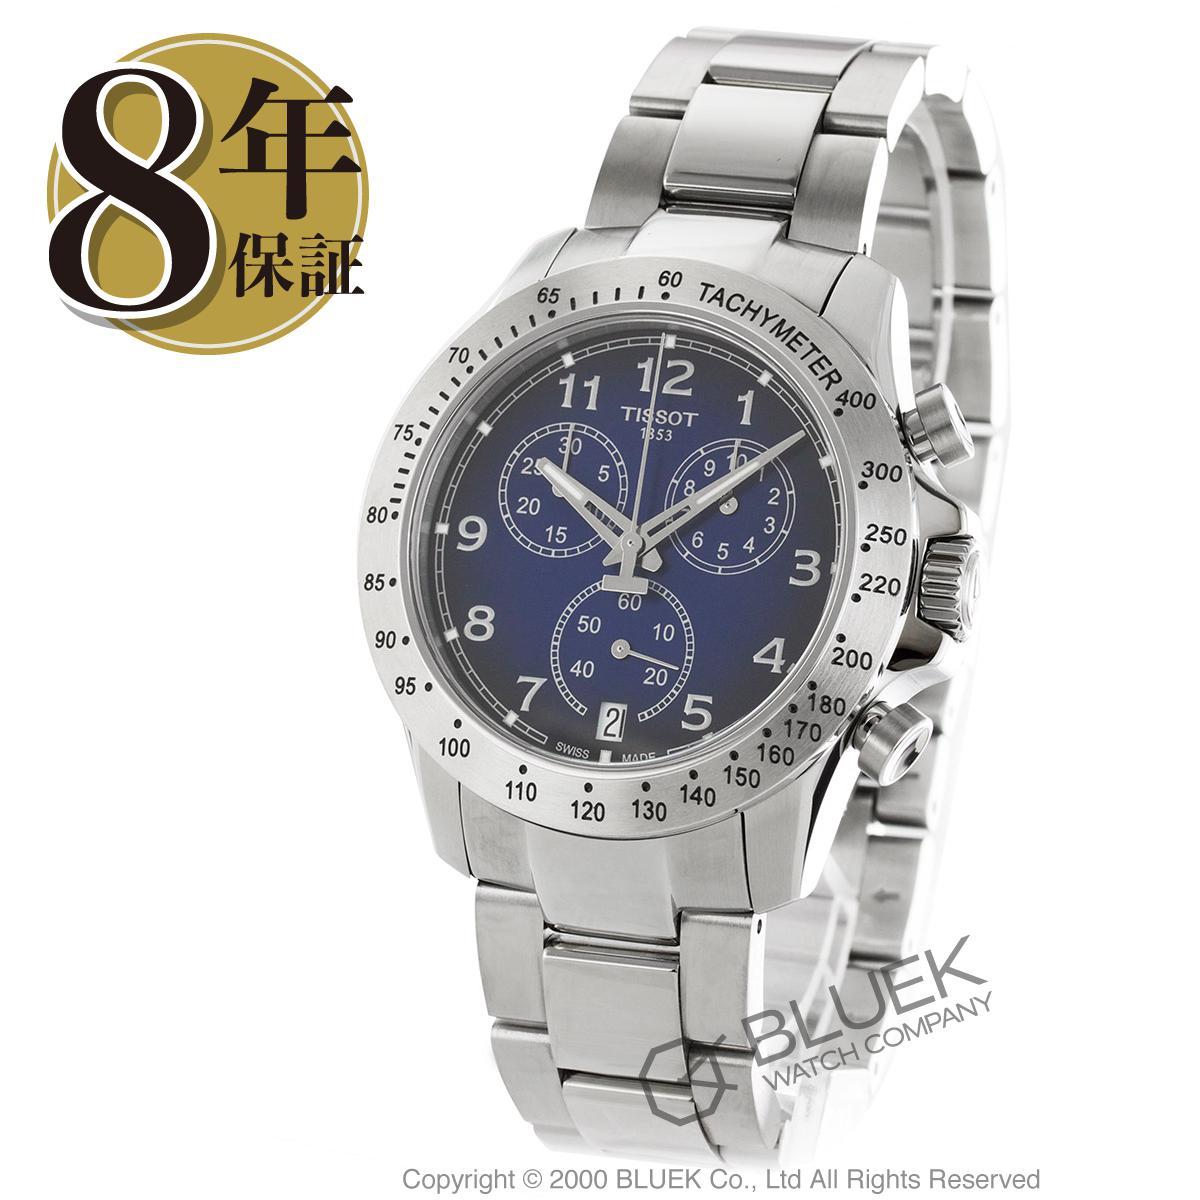 【最大3万円割引クーポン 11/01~】ティソ T-スポーツ V8 クロノグラフ 腕時計 メンズ TISSOT T106.417.11.042.00_8